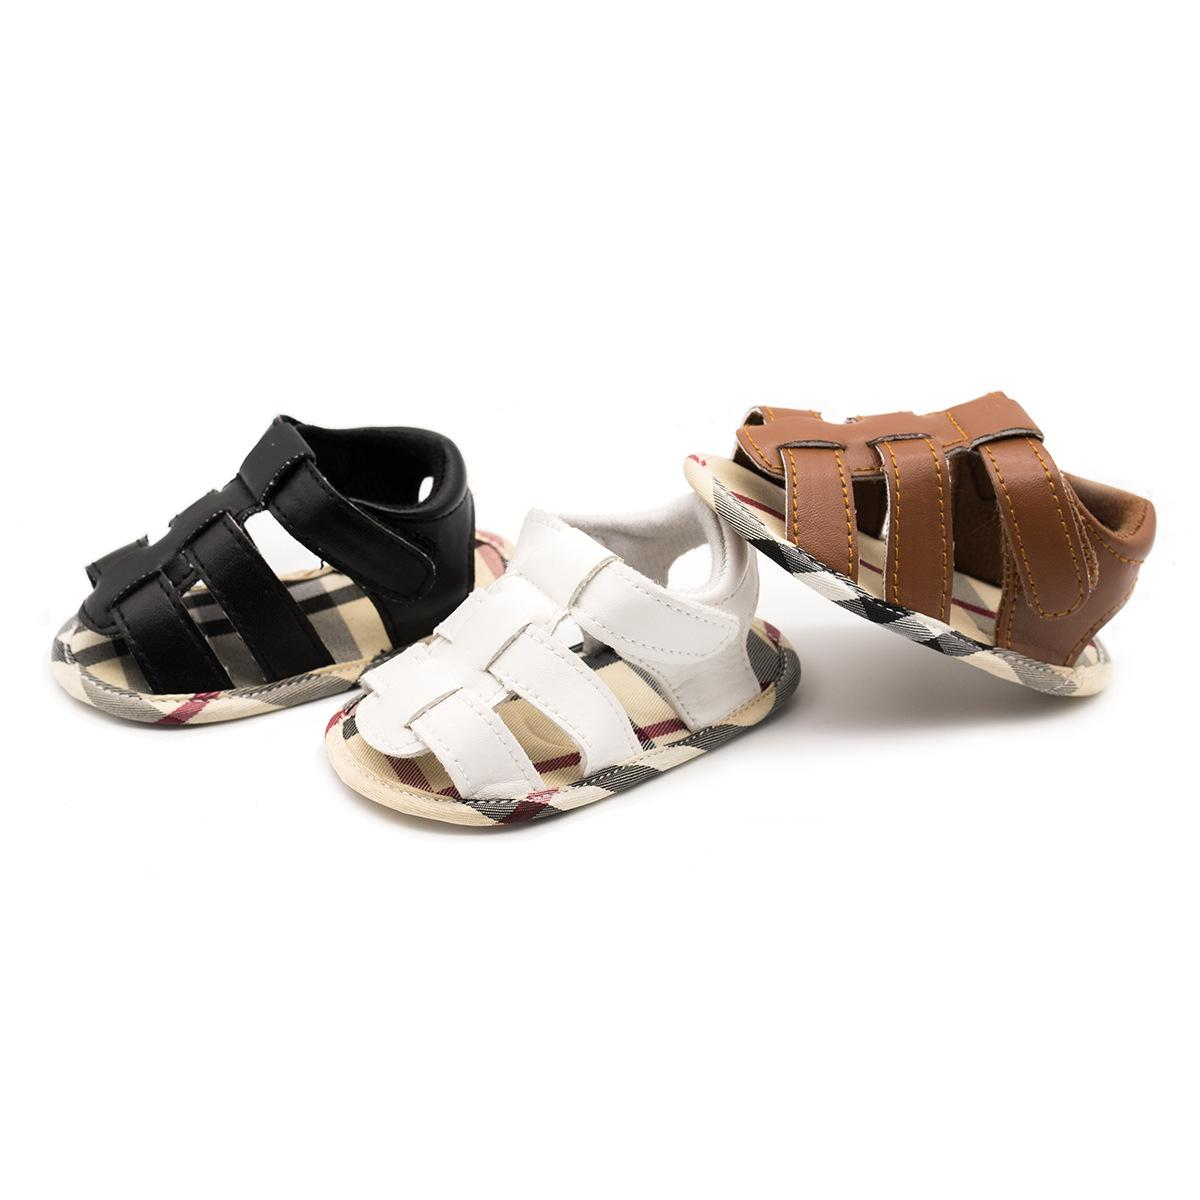 Baby Designer Sandals Летние Детские Мальчики 3 Стили Малыша Тапочки Мягкие Особовые Первые Уокеры Детские Мода Нескользящая Обувь A21